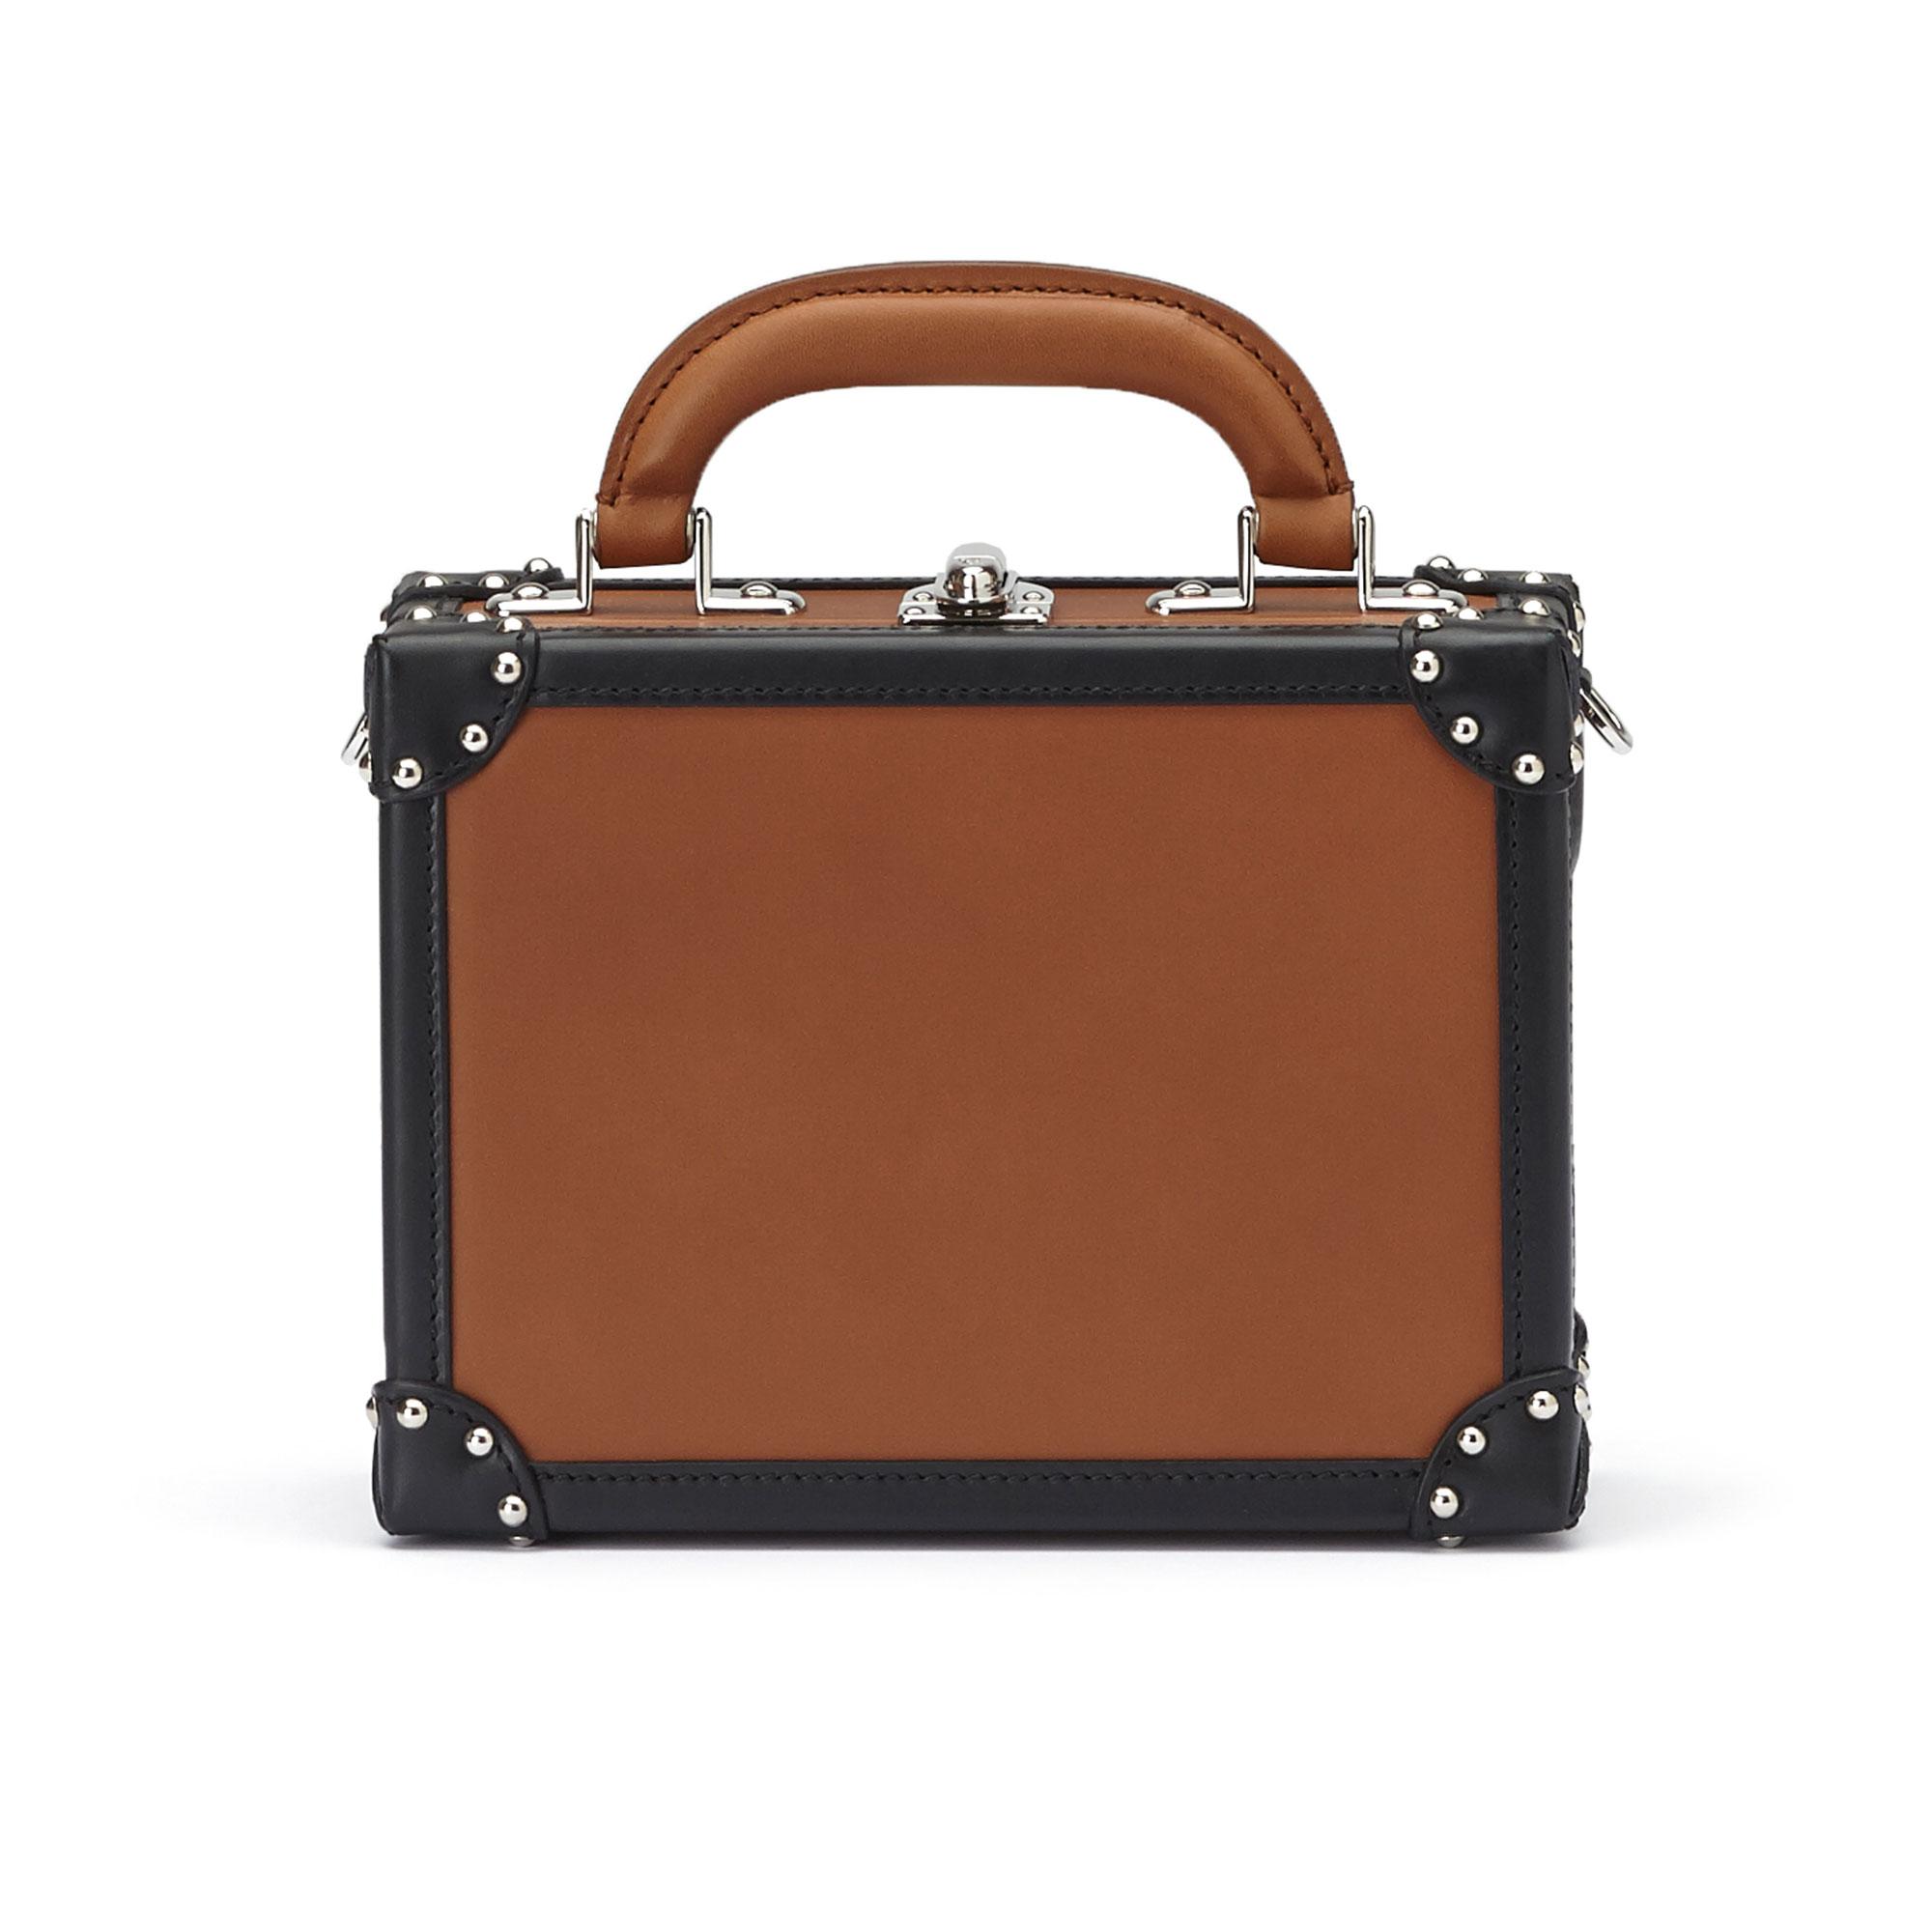 The terrabruciata and black french calf Mini Squared Bertoncina bag by Bertoni 1949 01